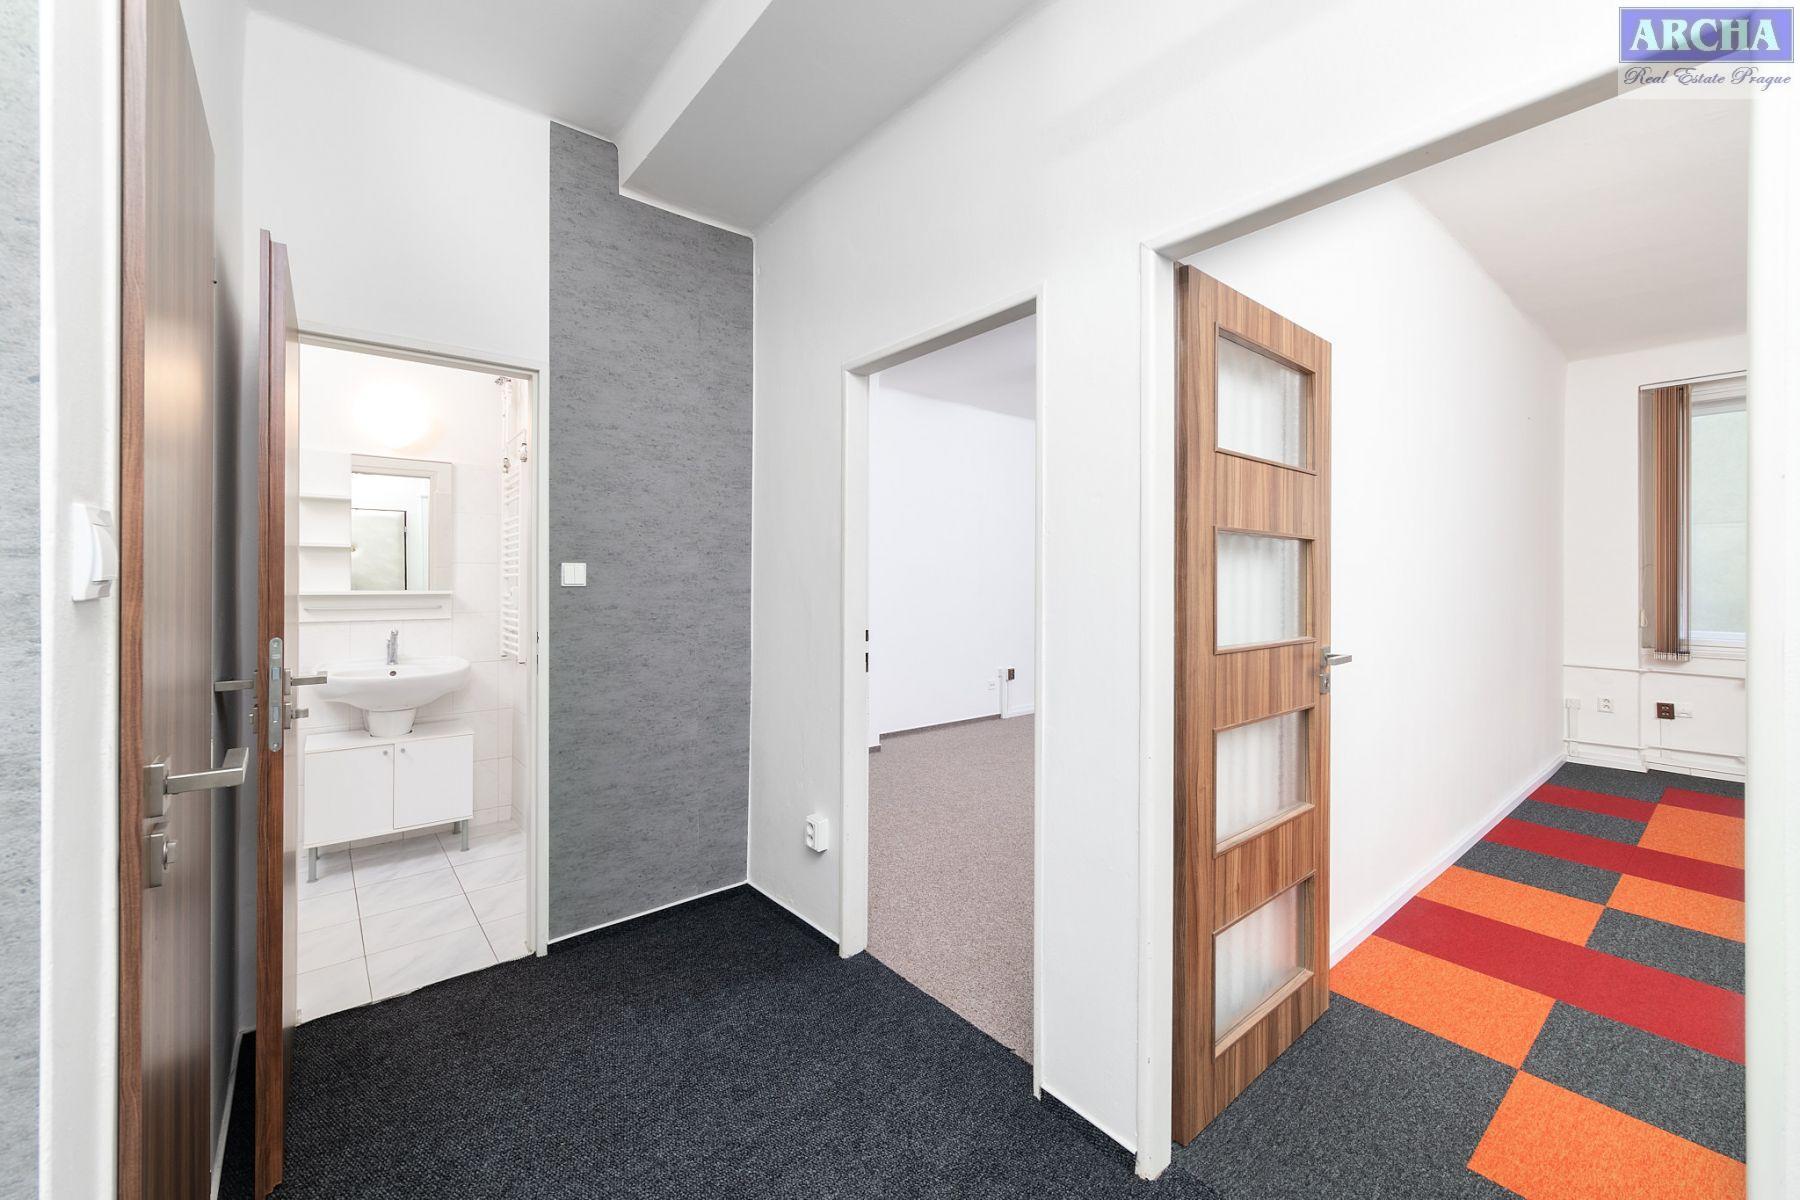 Nájem nebytového prostoru 45 m2, 1.patro, Hollarovo náměstí, Praha 10